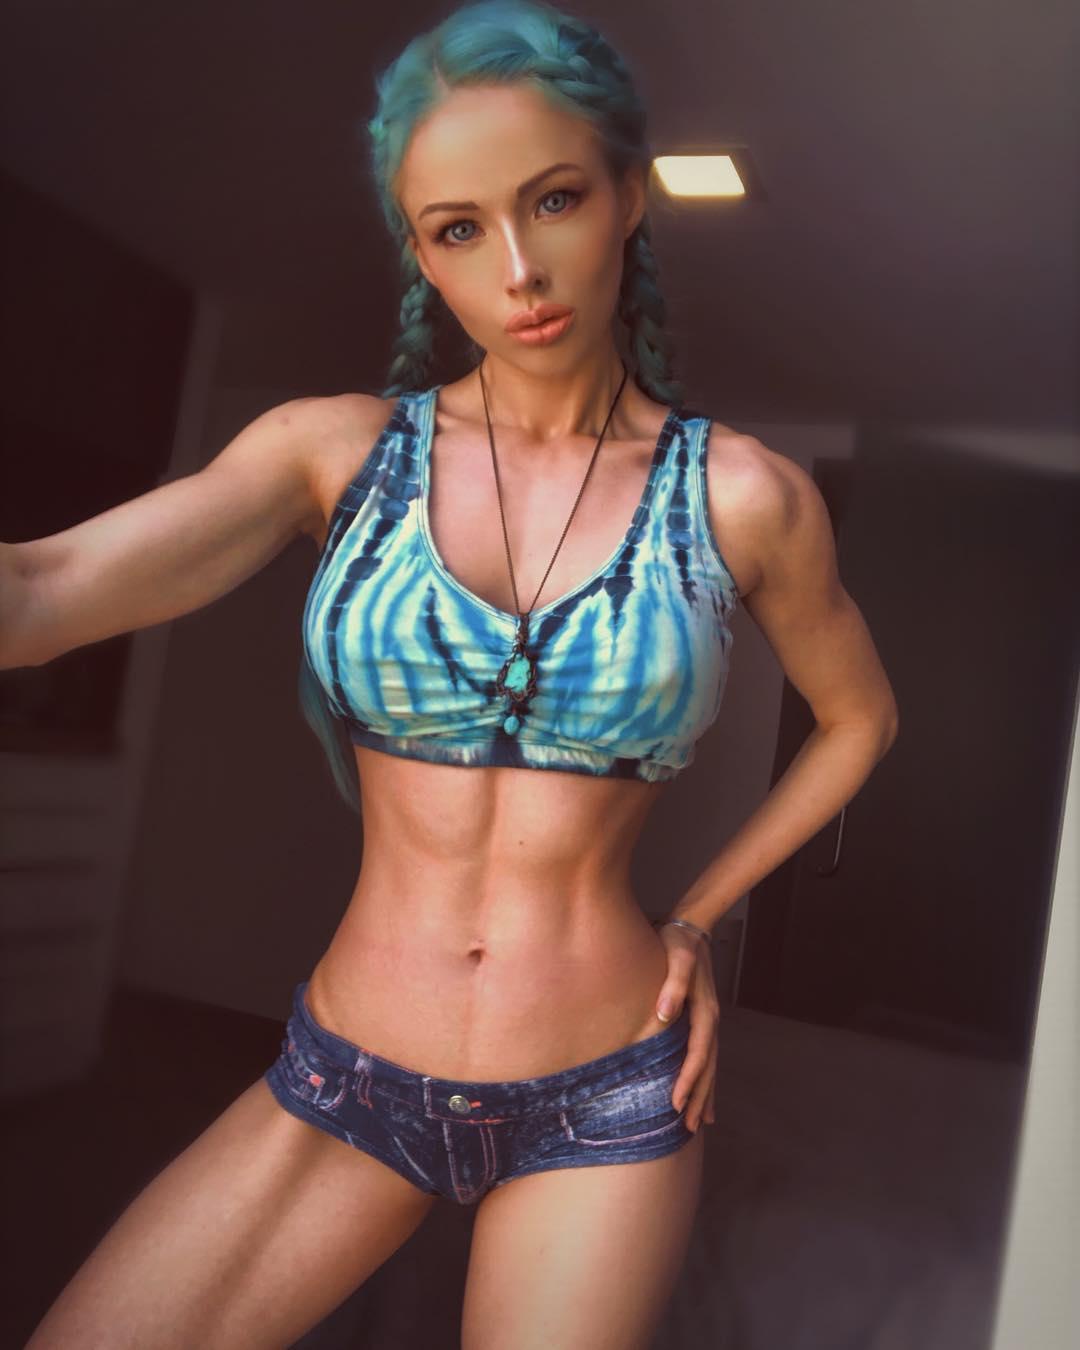 Валерия Лукьянова восхитила фанатов стройным телом